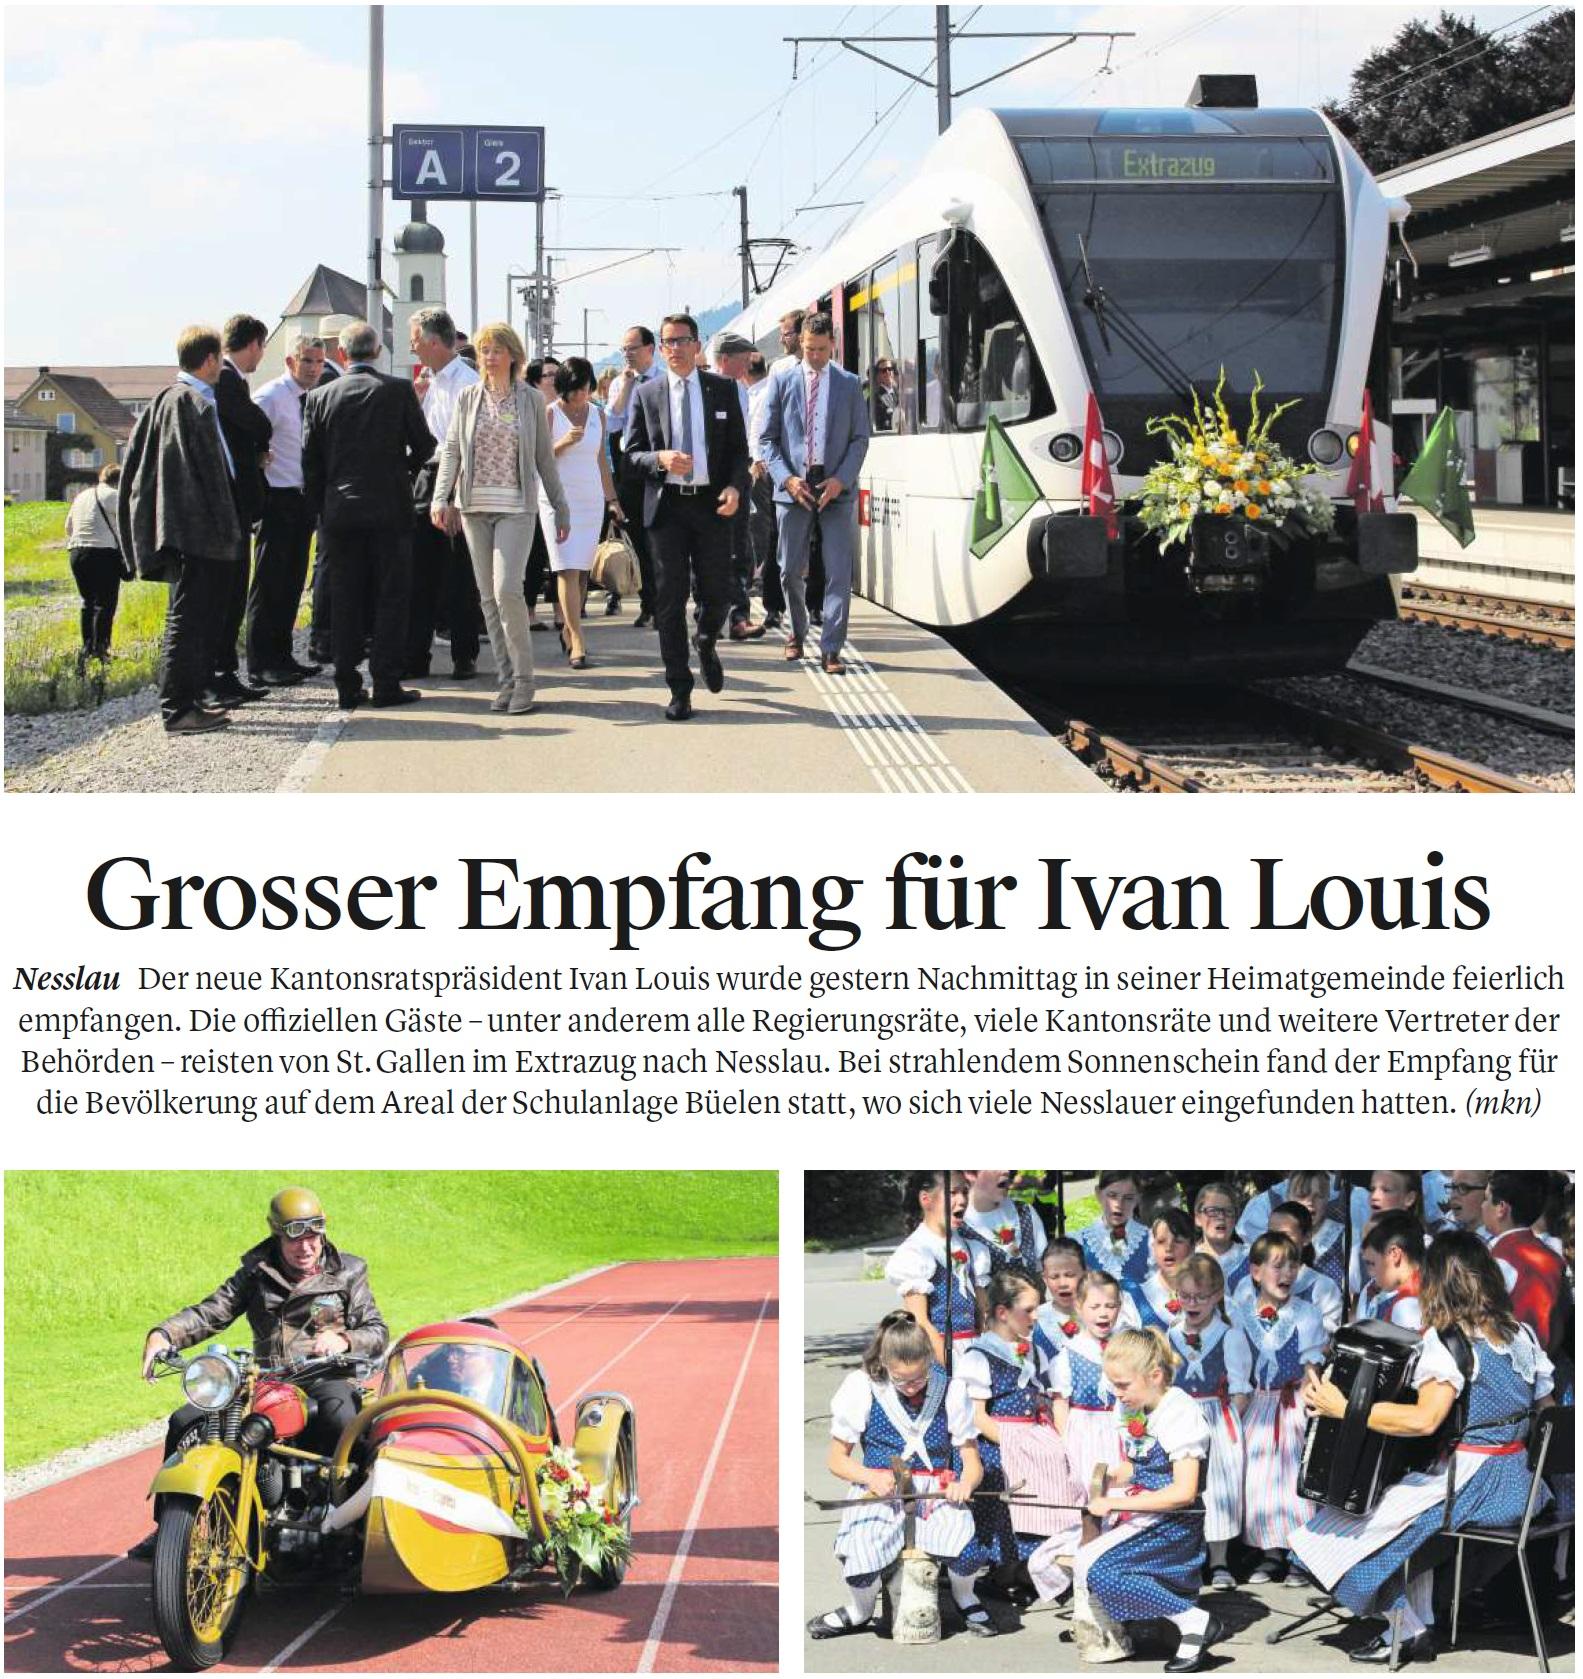 Grosser Empfang für Ivan Louis (Mittwoch, 14.06.2017)